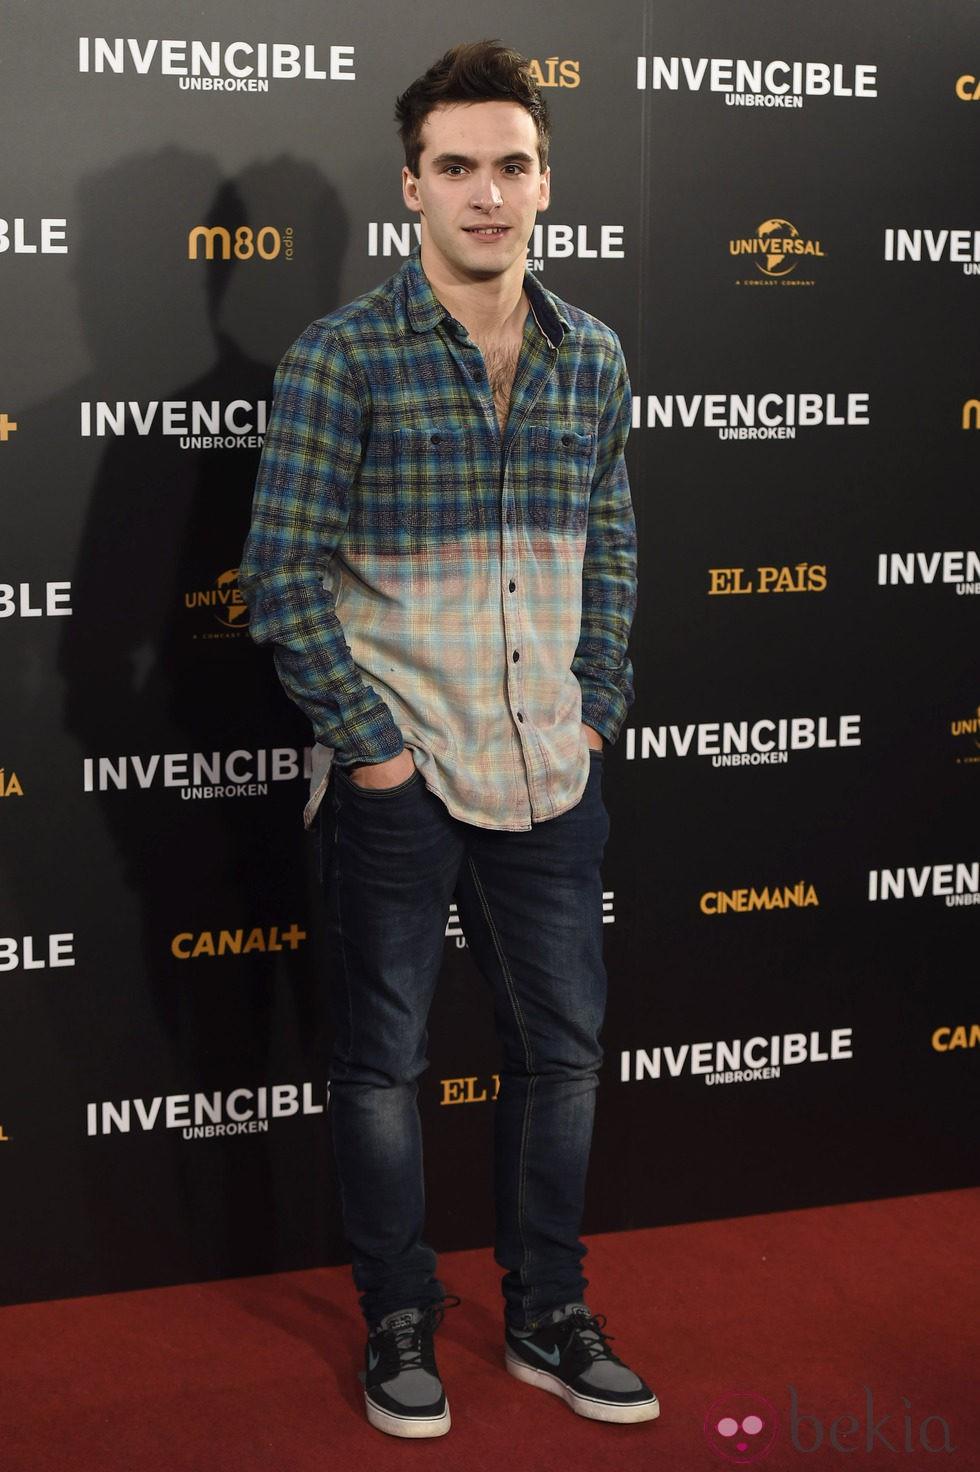 Ricardo Gómez en el estreno de 'Invencible' en Madrid